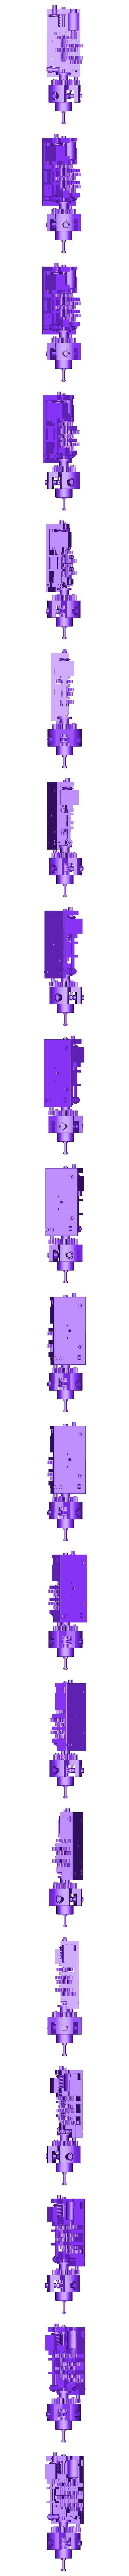 Gesamt_V3.stl Télécharger fichier STL gratuit Windkraft-Anlage (pausiert - warte auf Teile aus China) • Plan pour impression 3D, CoffeCup